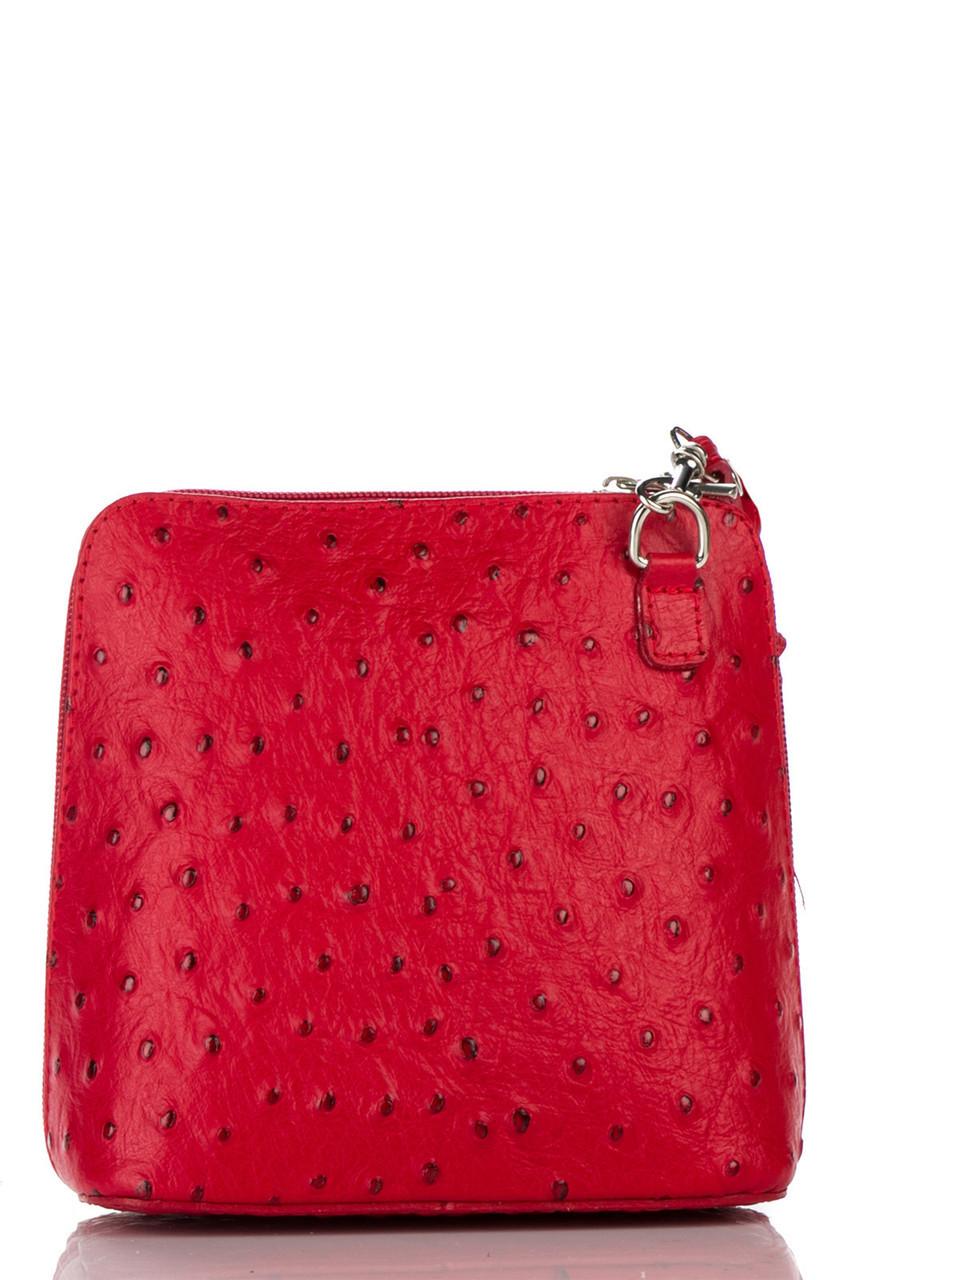 Женская кожаная сумка Diva's Bag GRETA цвет красный